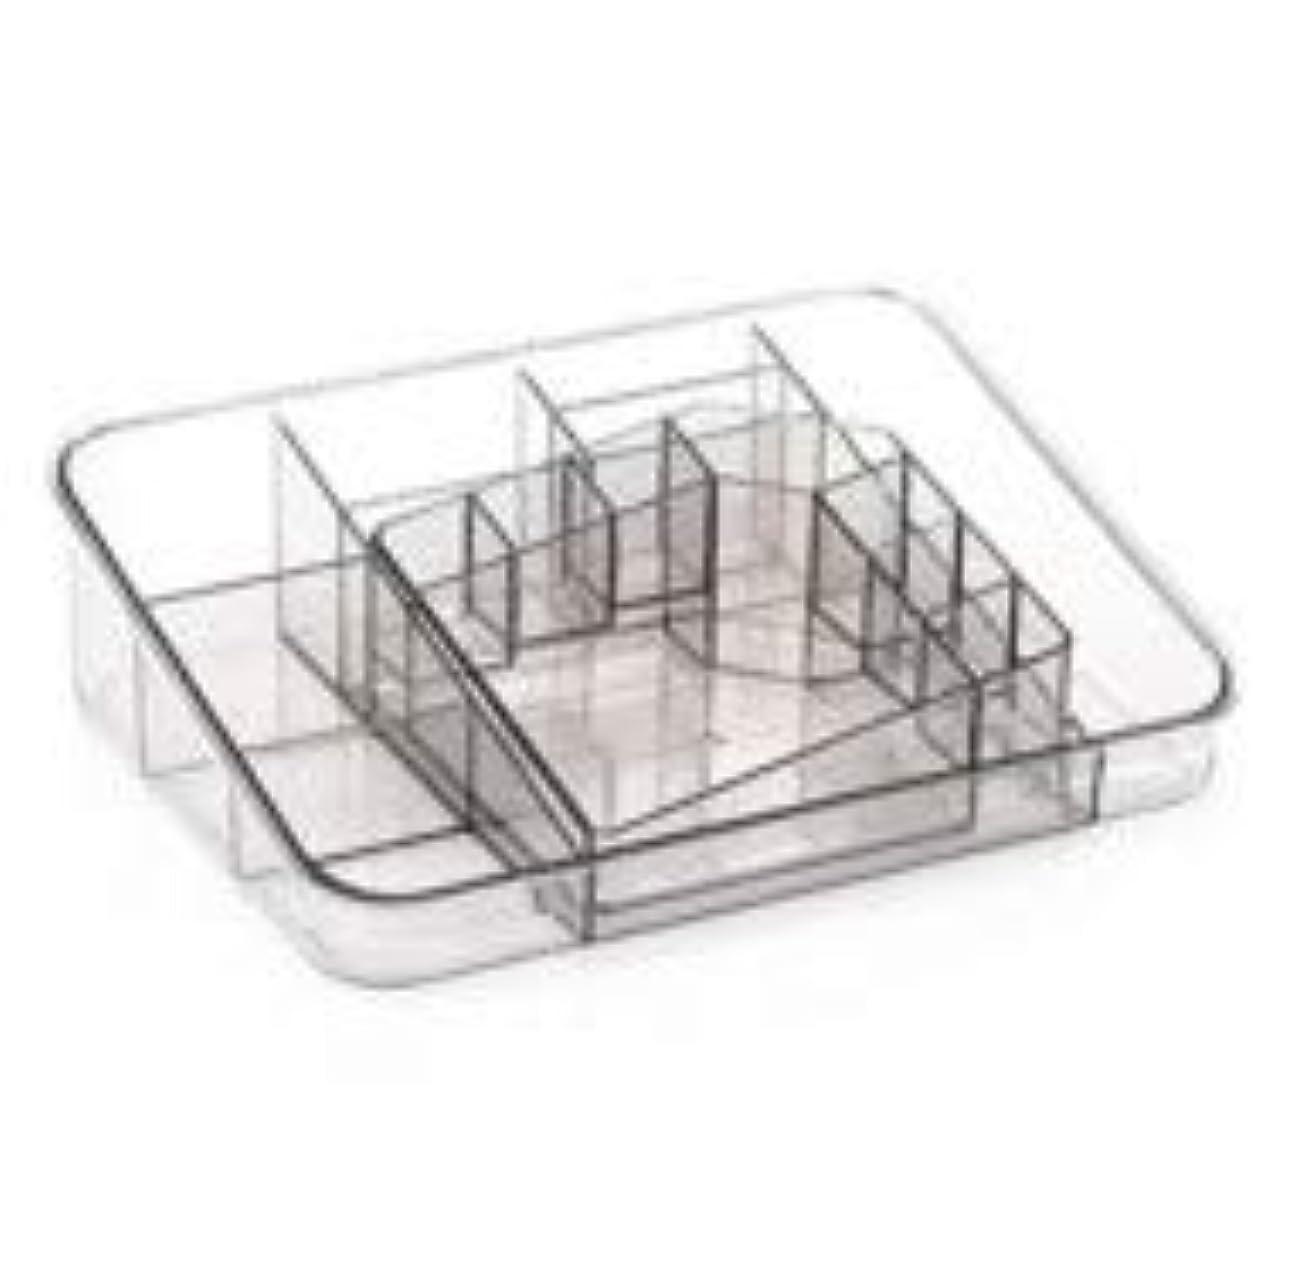 精緻化谷船員透明アクリル化粧品収納ボックスサイズの組み合わせツーピース多分割化粧品デスクトップ仕上げボックス (Color : グレー)